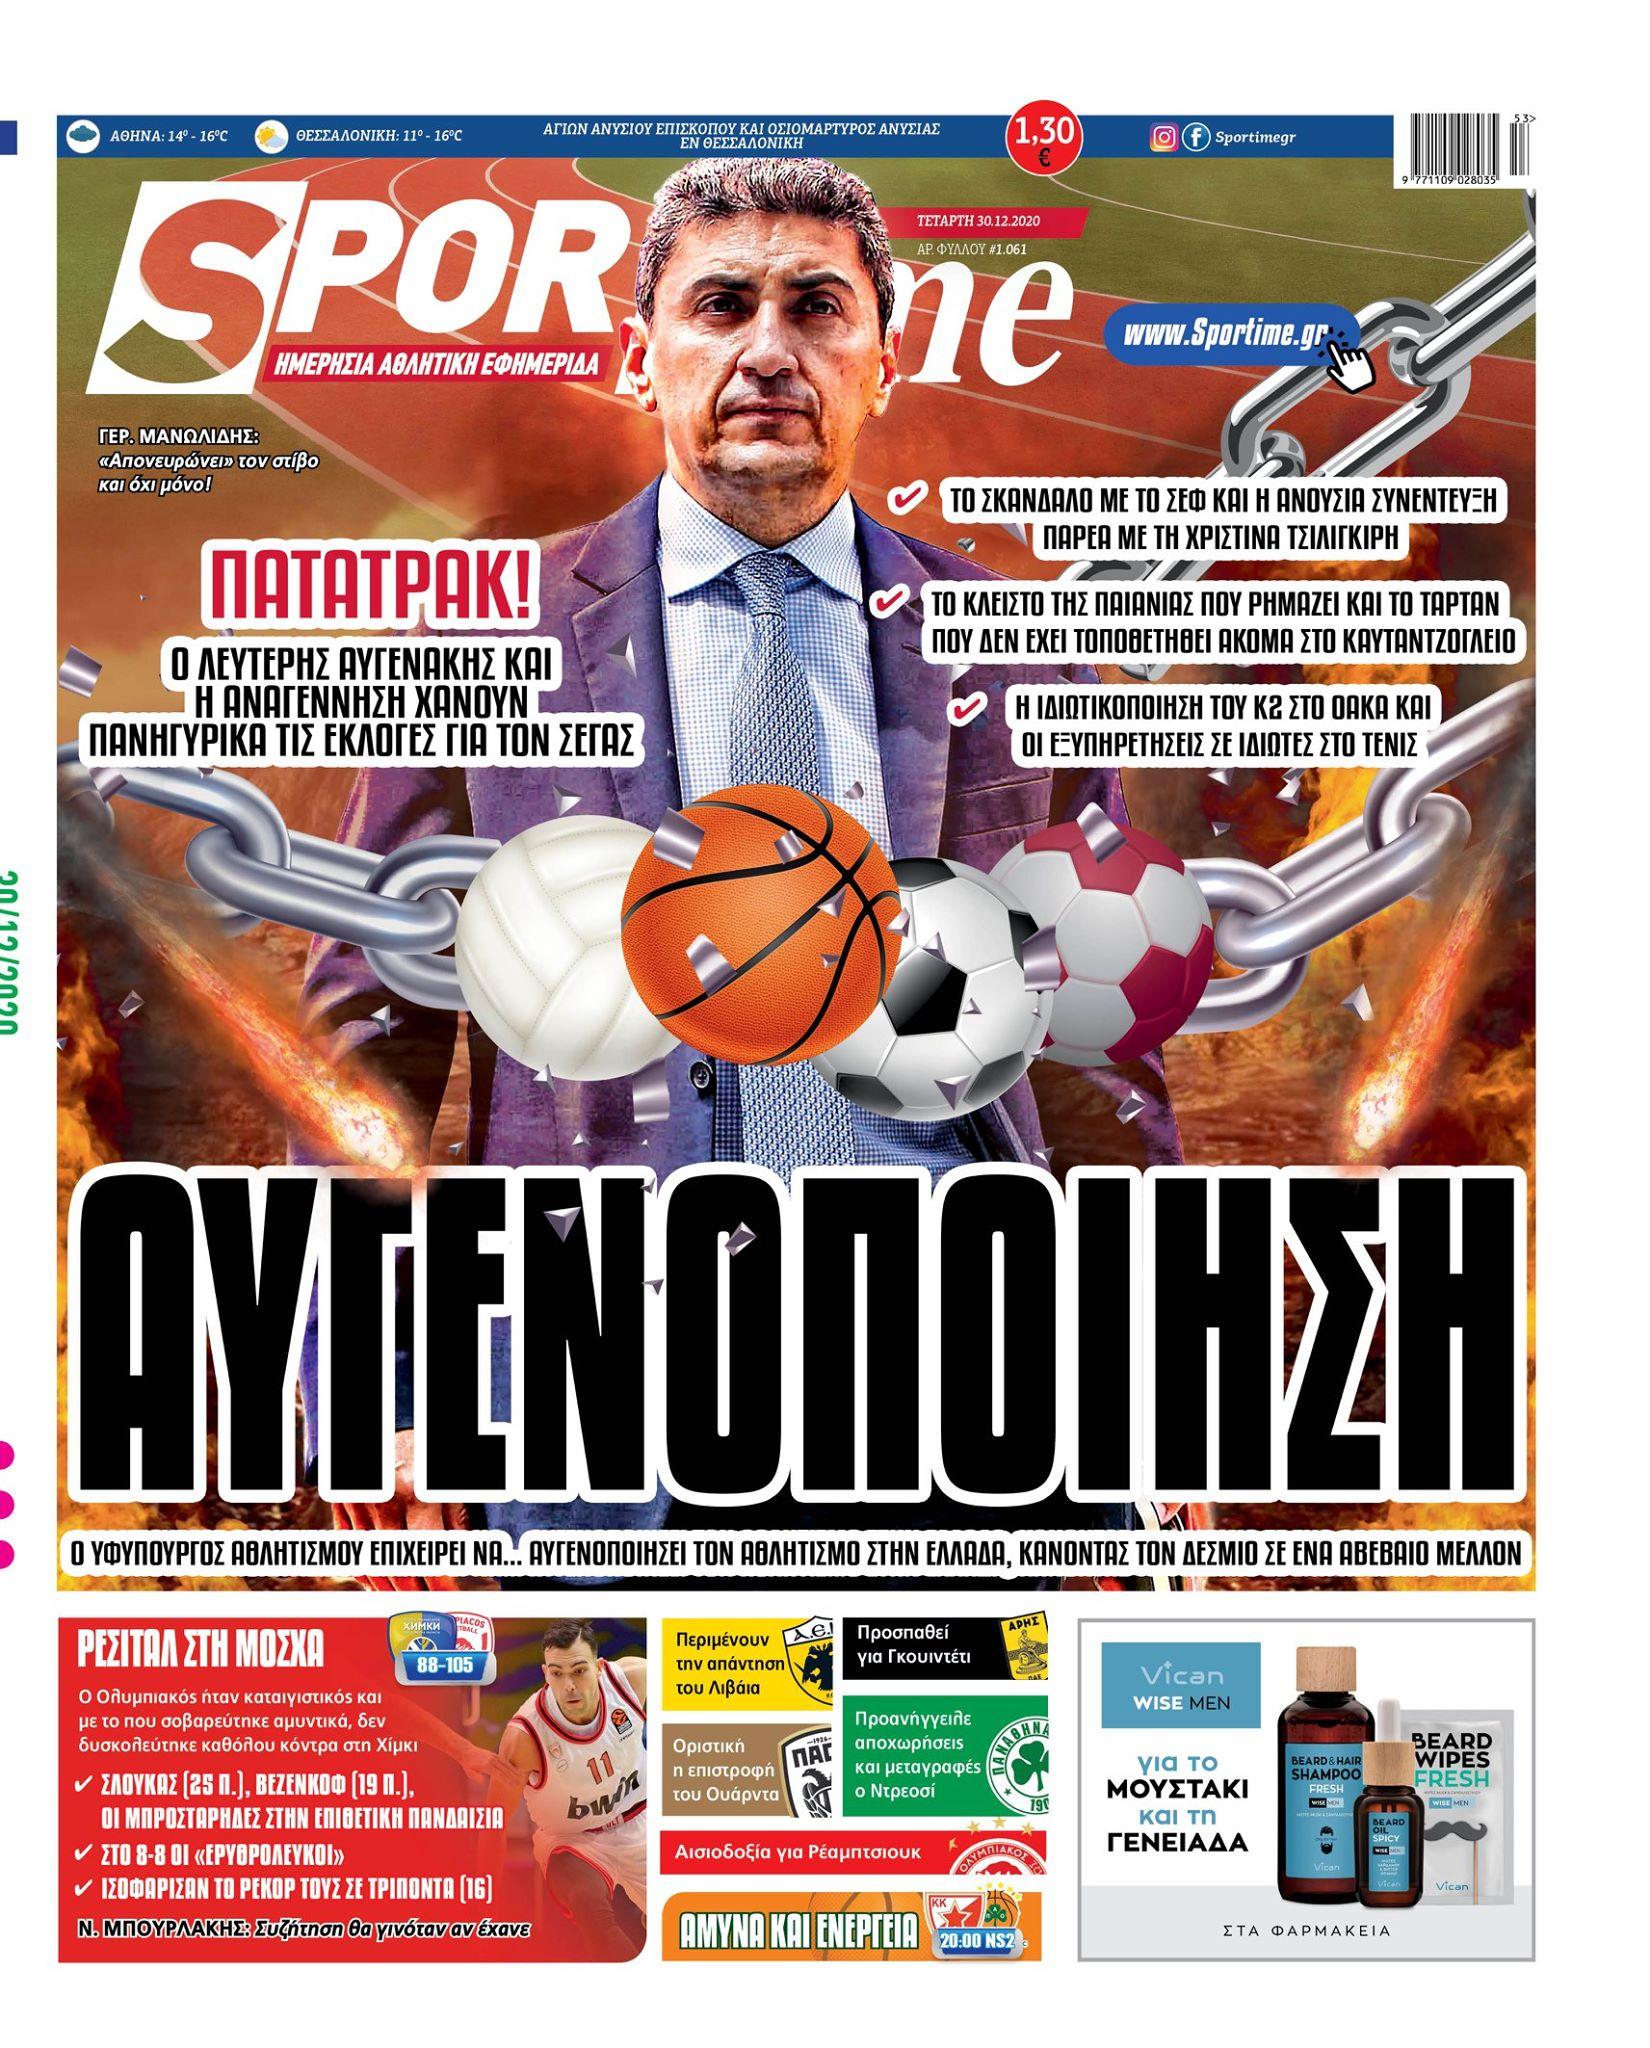 Εφημερίδα SPORTIME - Εξώφυλλο φύλλου 30/12/2020